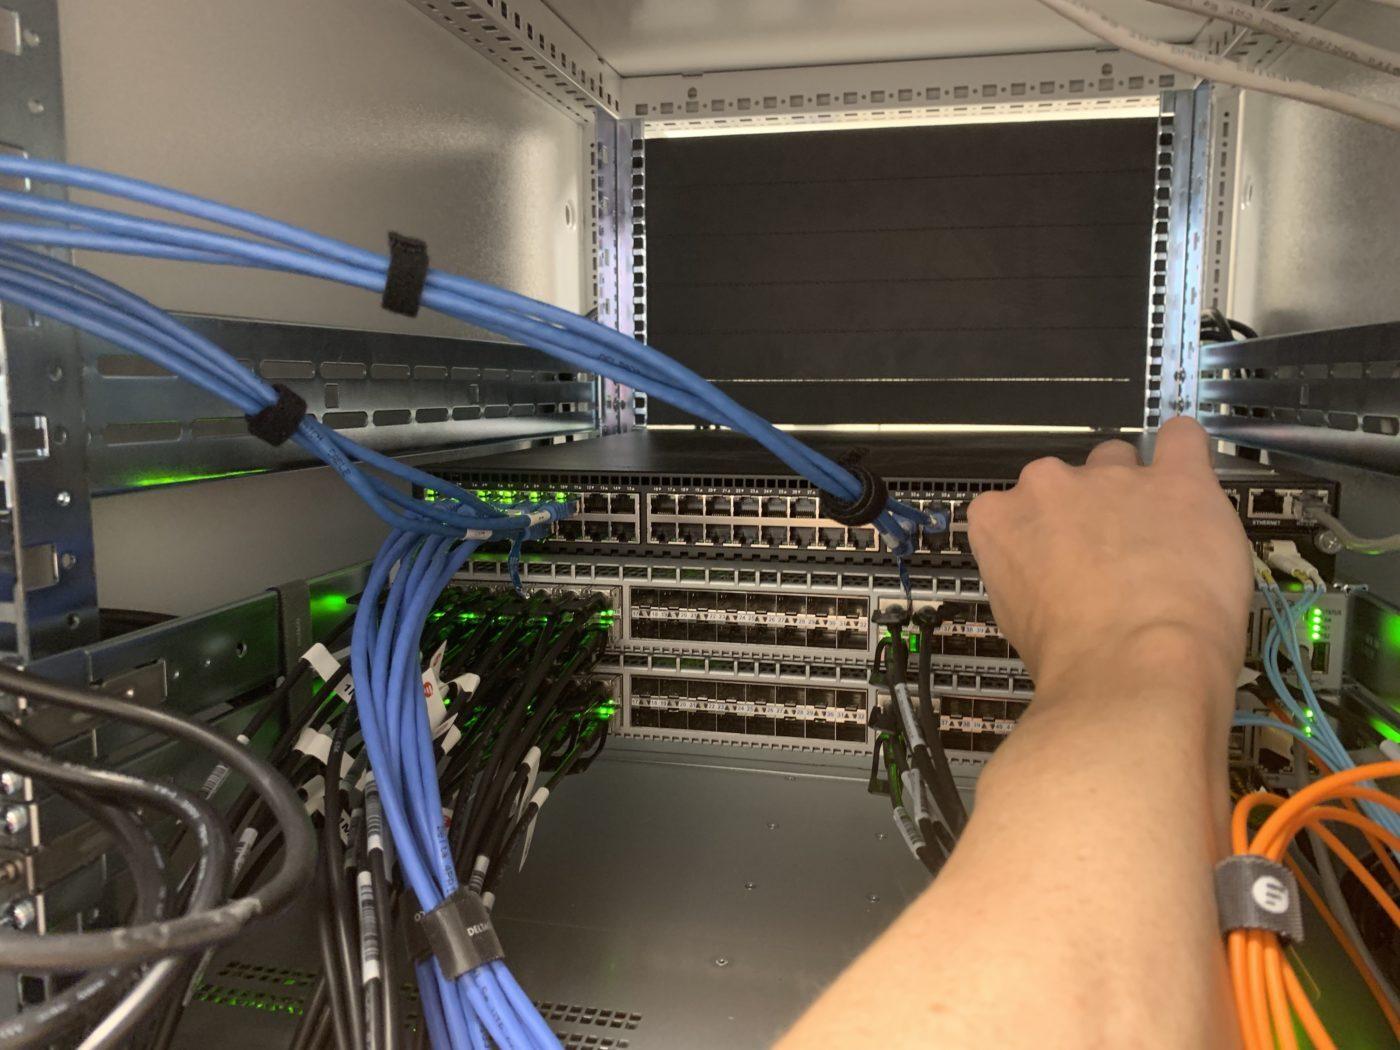 kvalitet på infrastruktur för cloud servrar